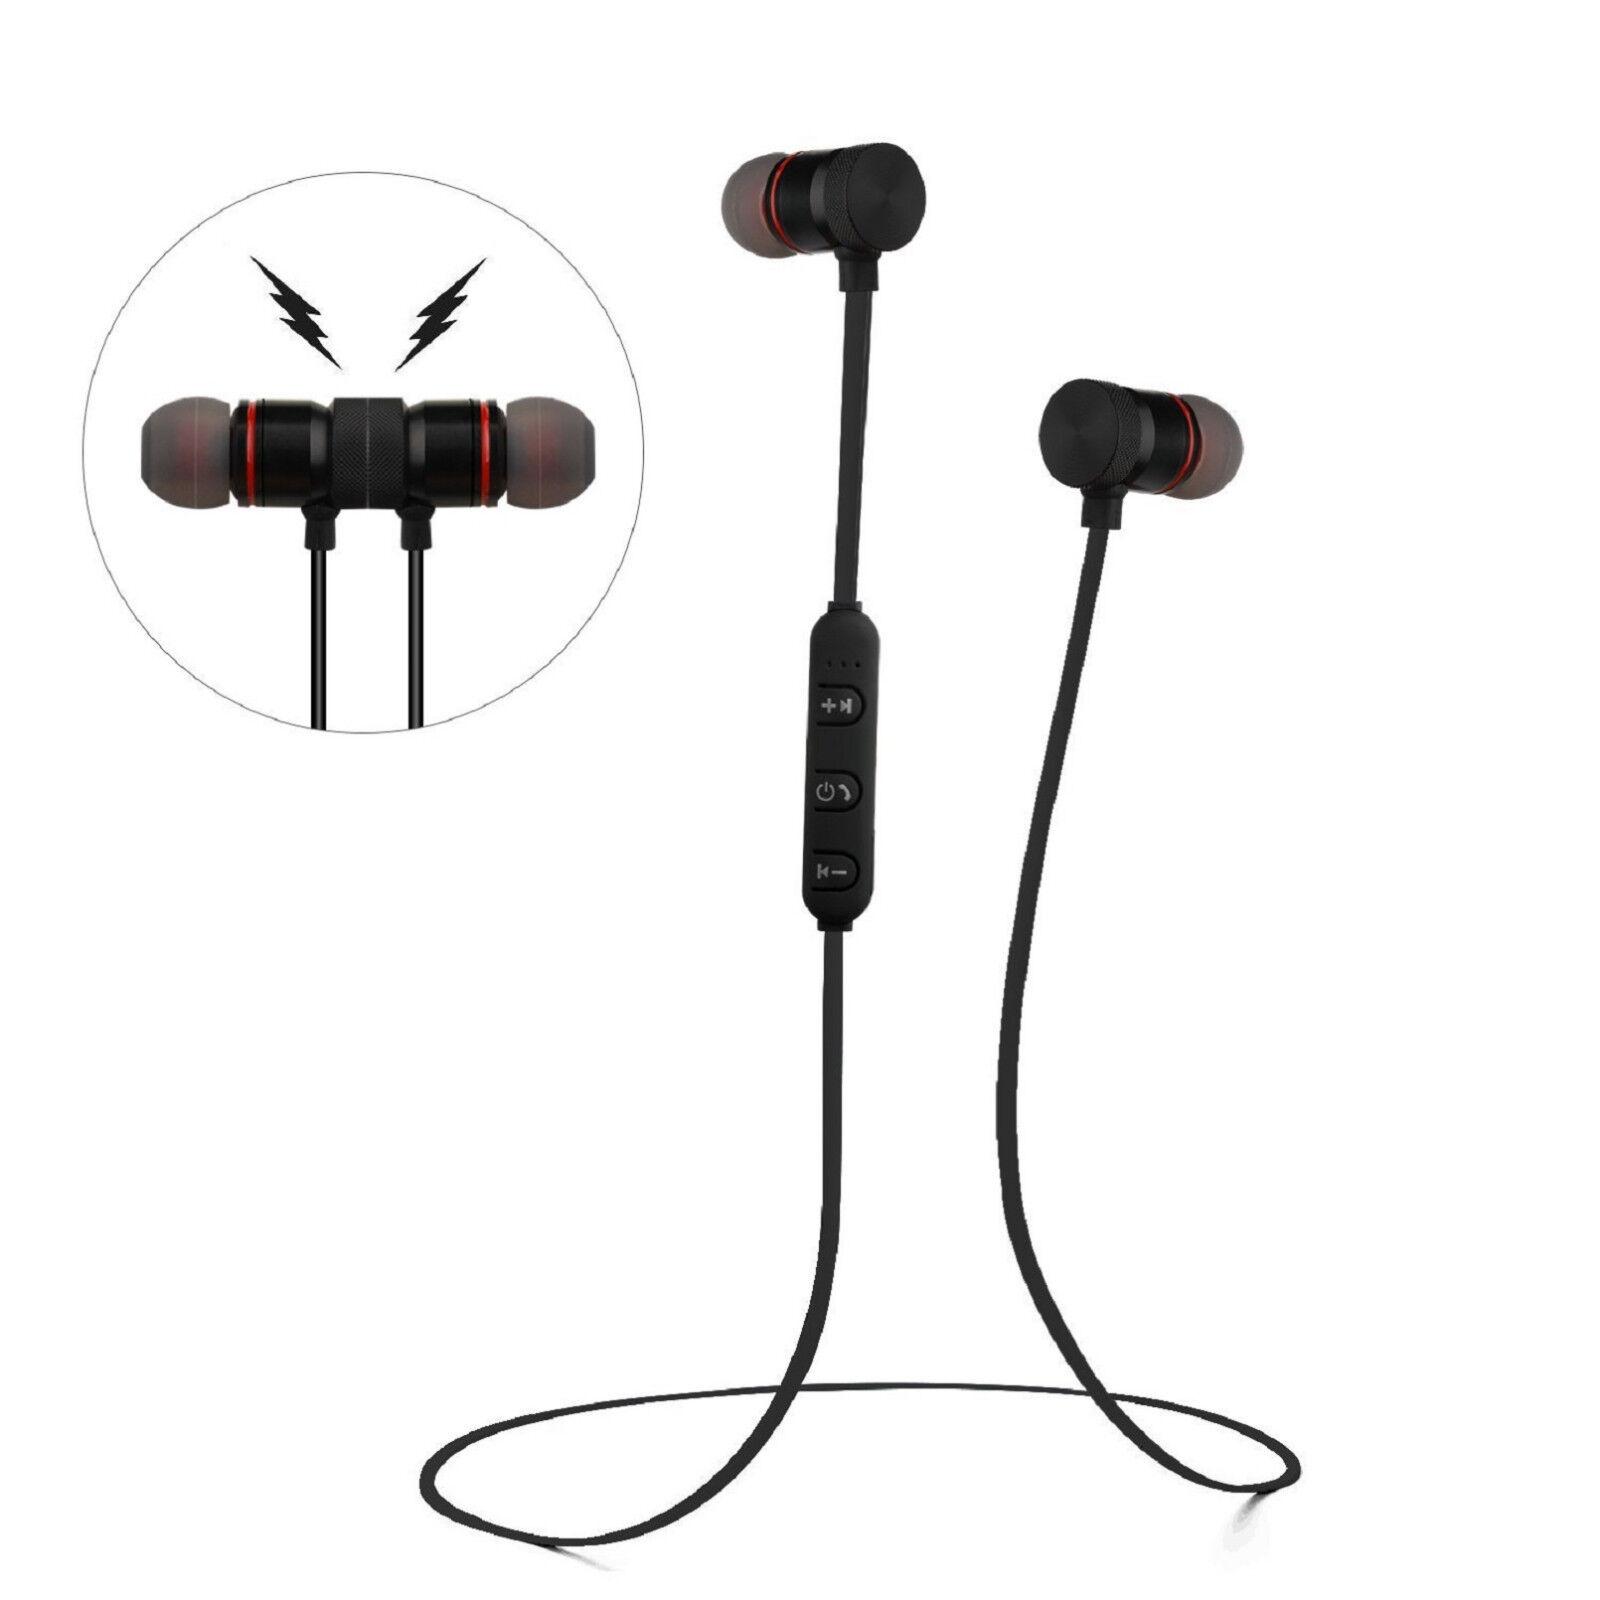 Sweatproof Bluetooth Earbuds Sports Wireless Headphones Ear Headsets Earphones